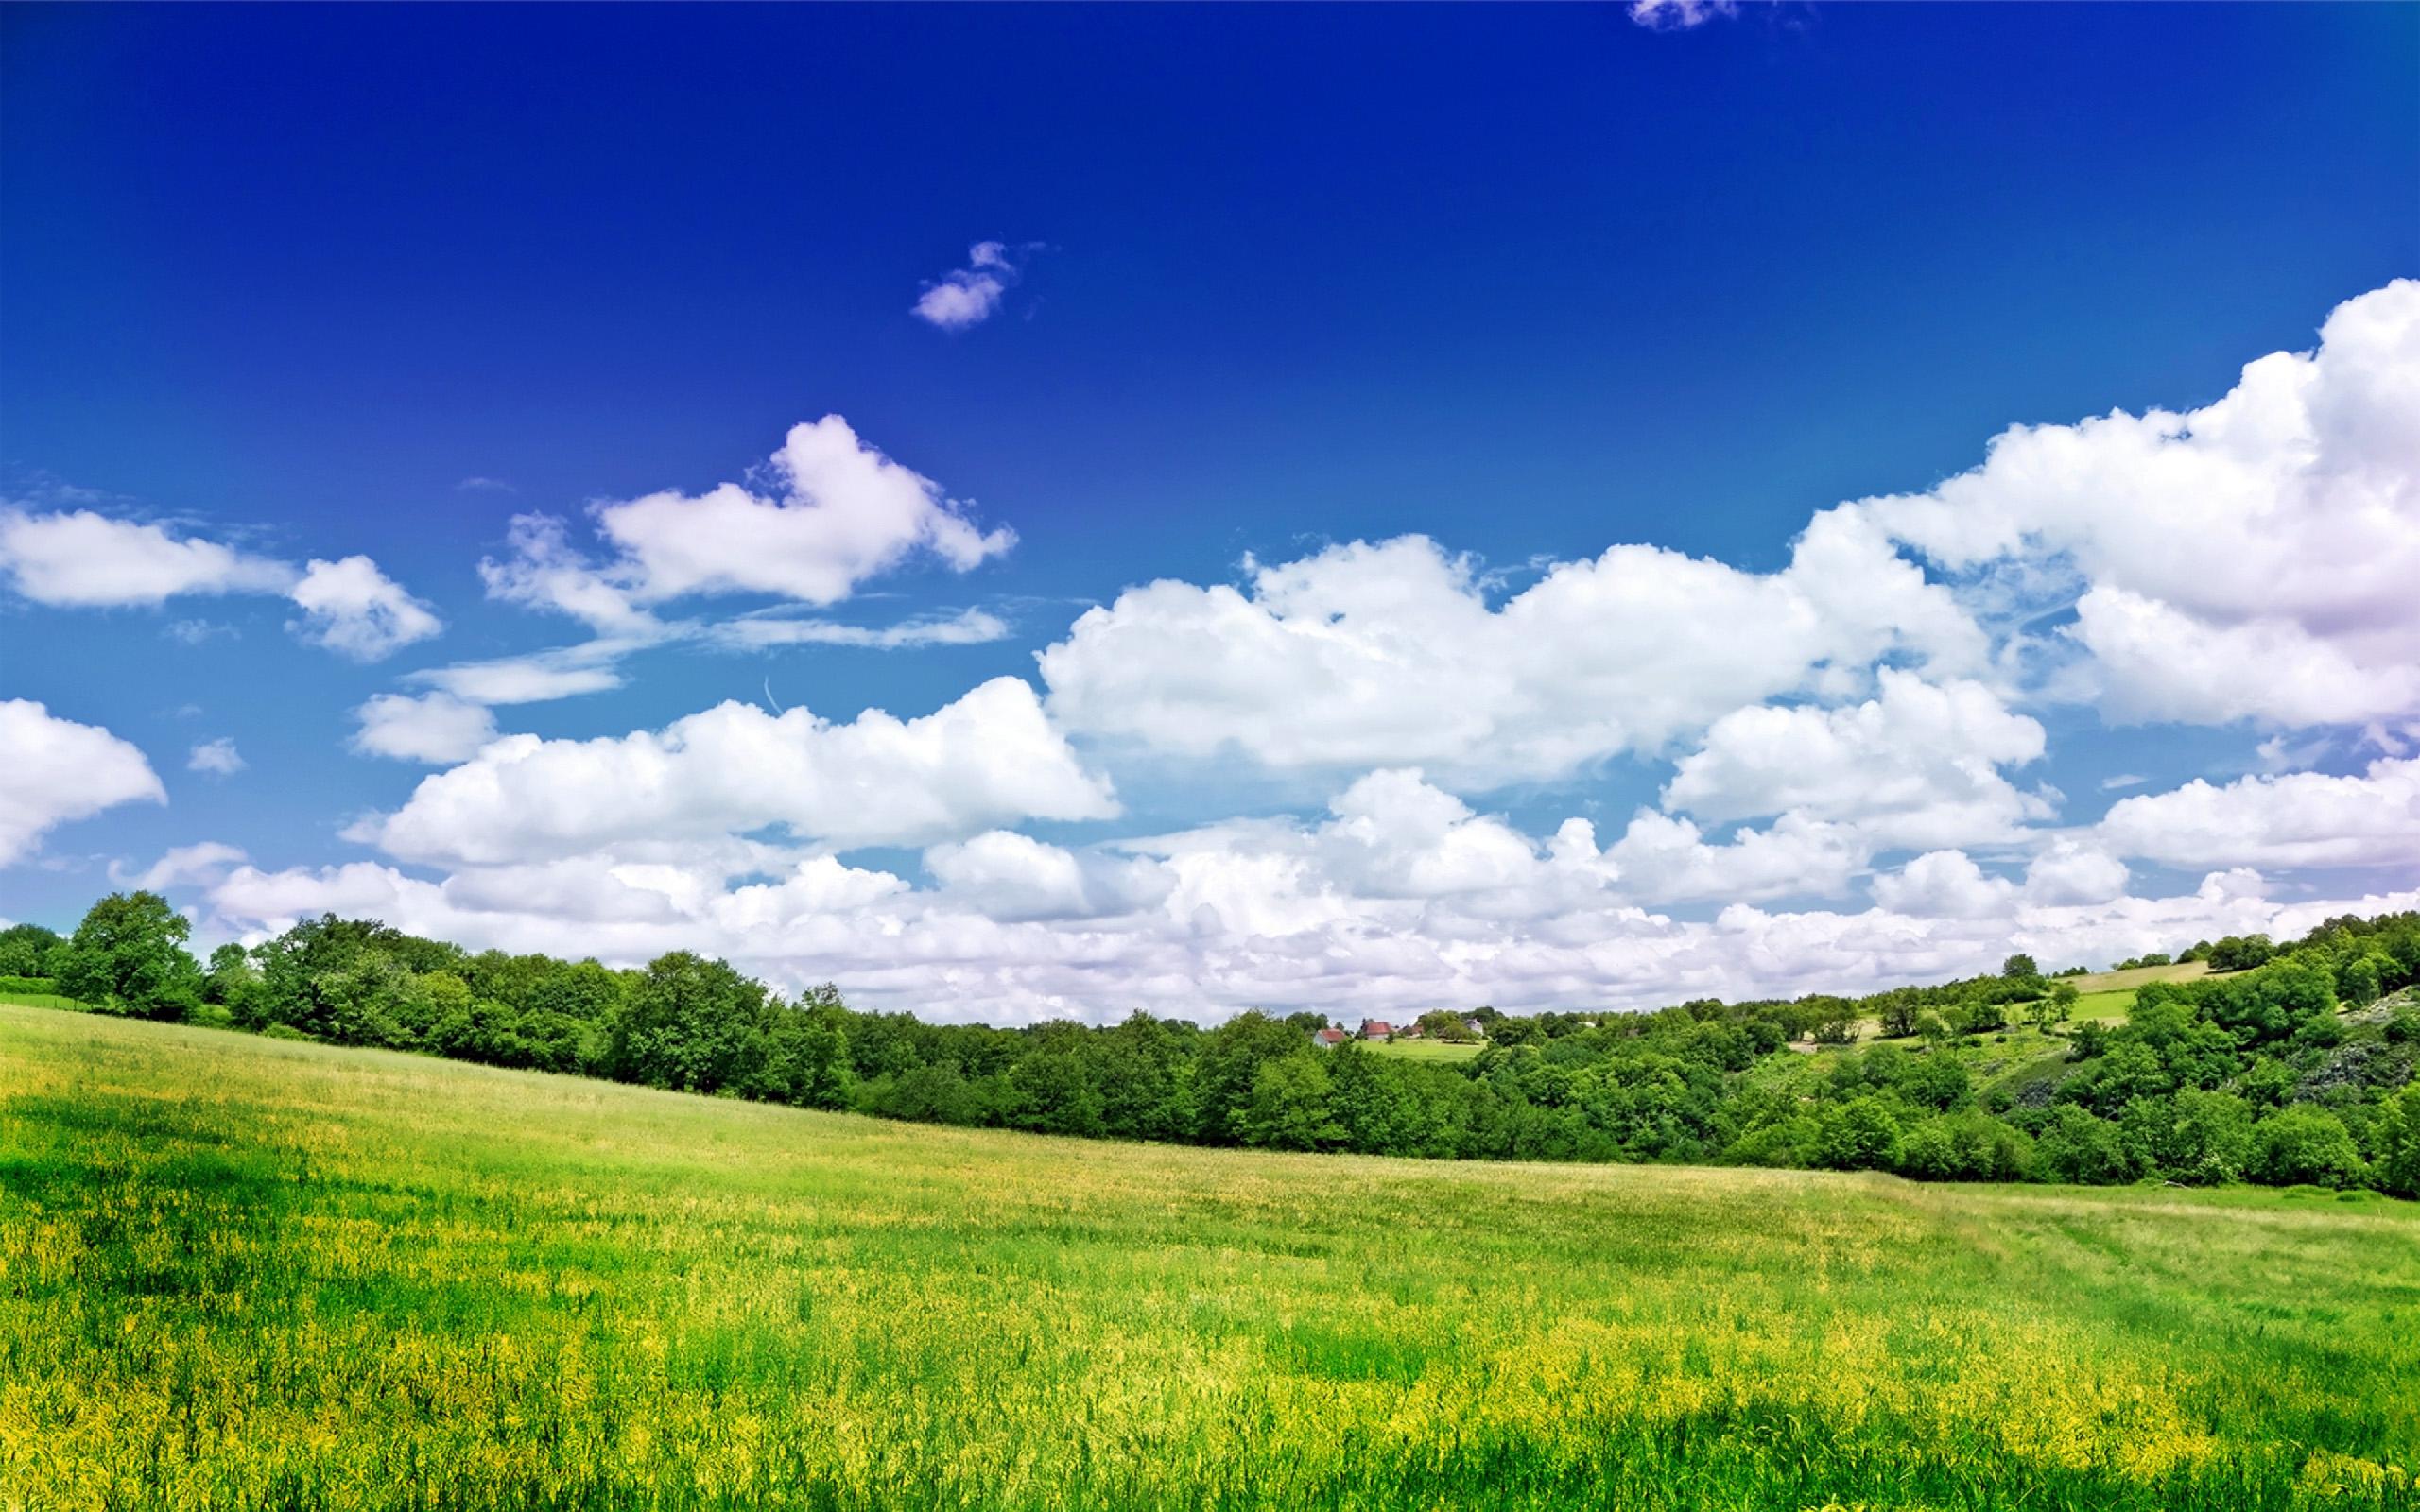 Зеленая лужайка летом, скачать обои на телефон лето, 2560 на 1600 пикселей